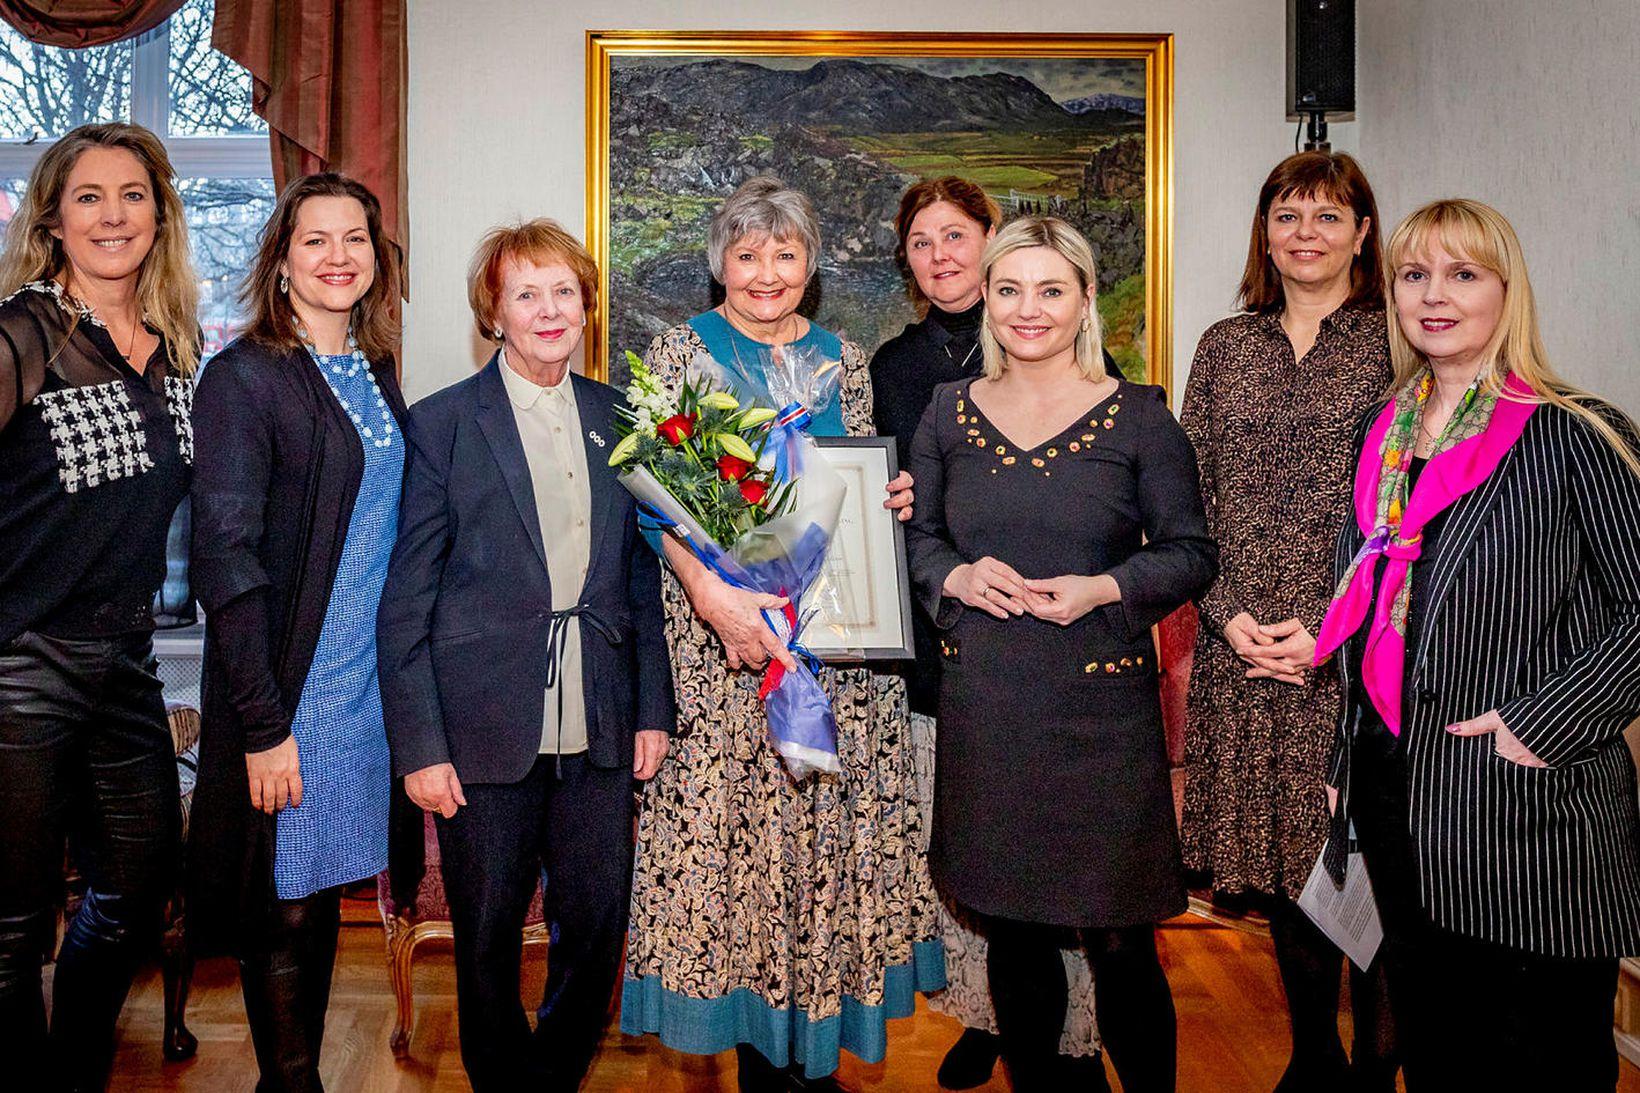 Elísabet Sveinsdóttir, Elíza Reid, Vigdís Finnbogadóttir, Guðrún Pétursdóttir, Hanna Lára …